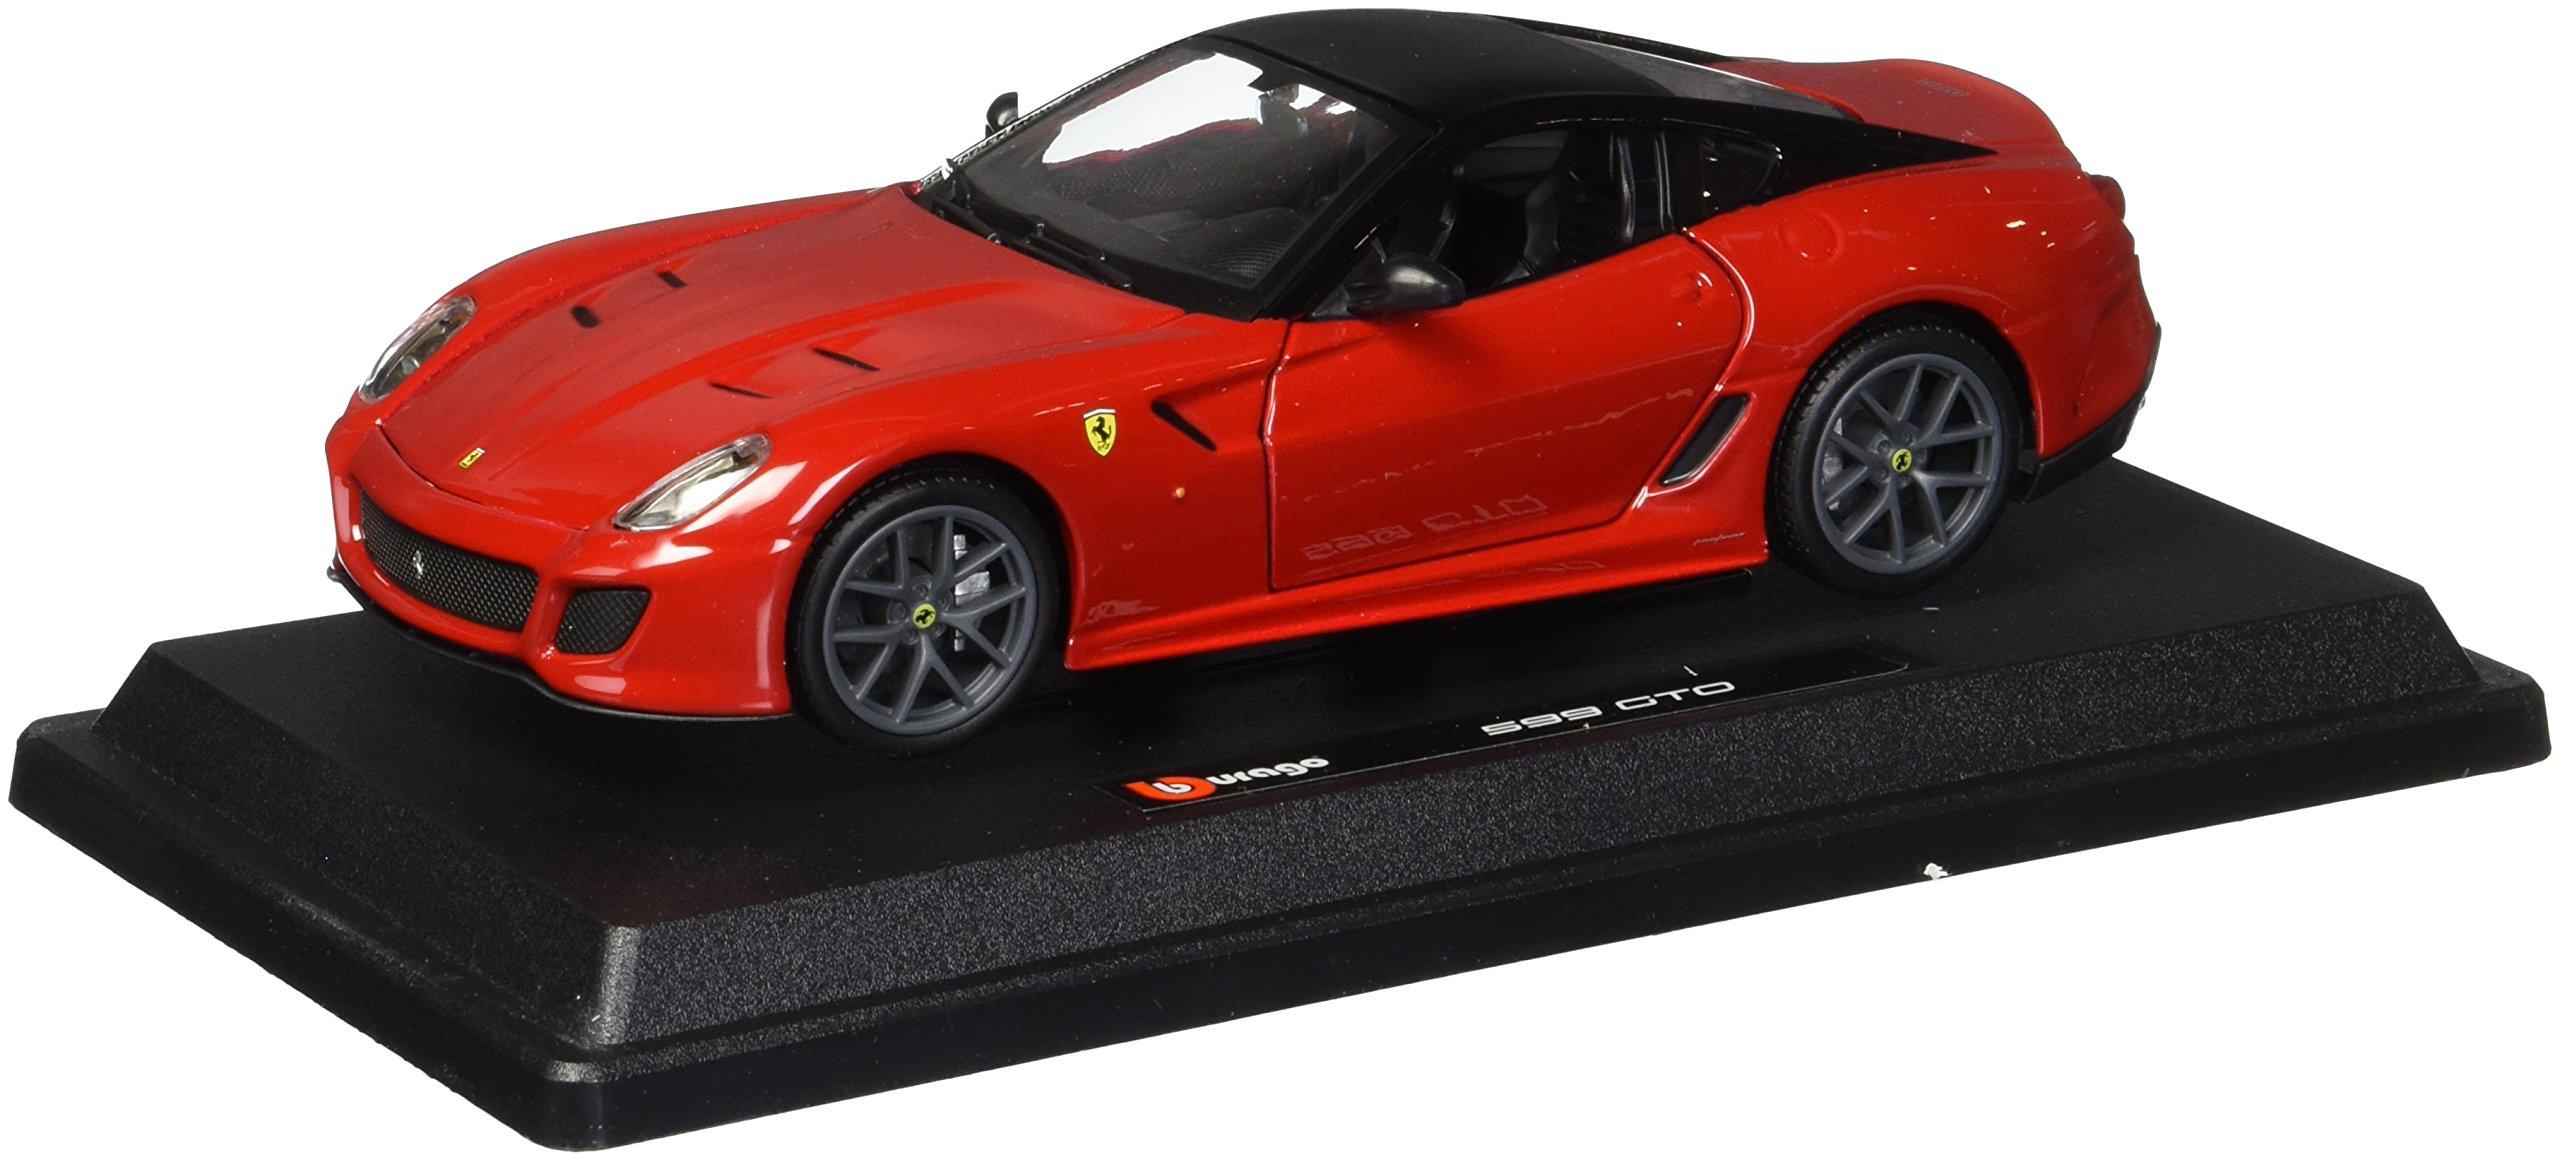 Bburago 1:24 - Ferrari Race & Play - Ferrari 599 GTO by Bburago